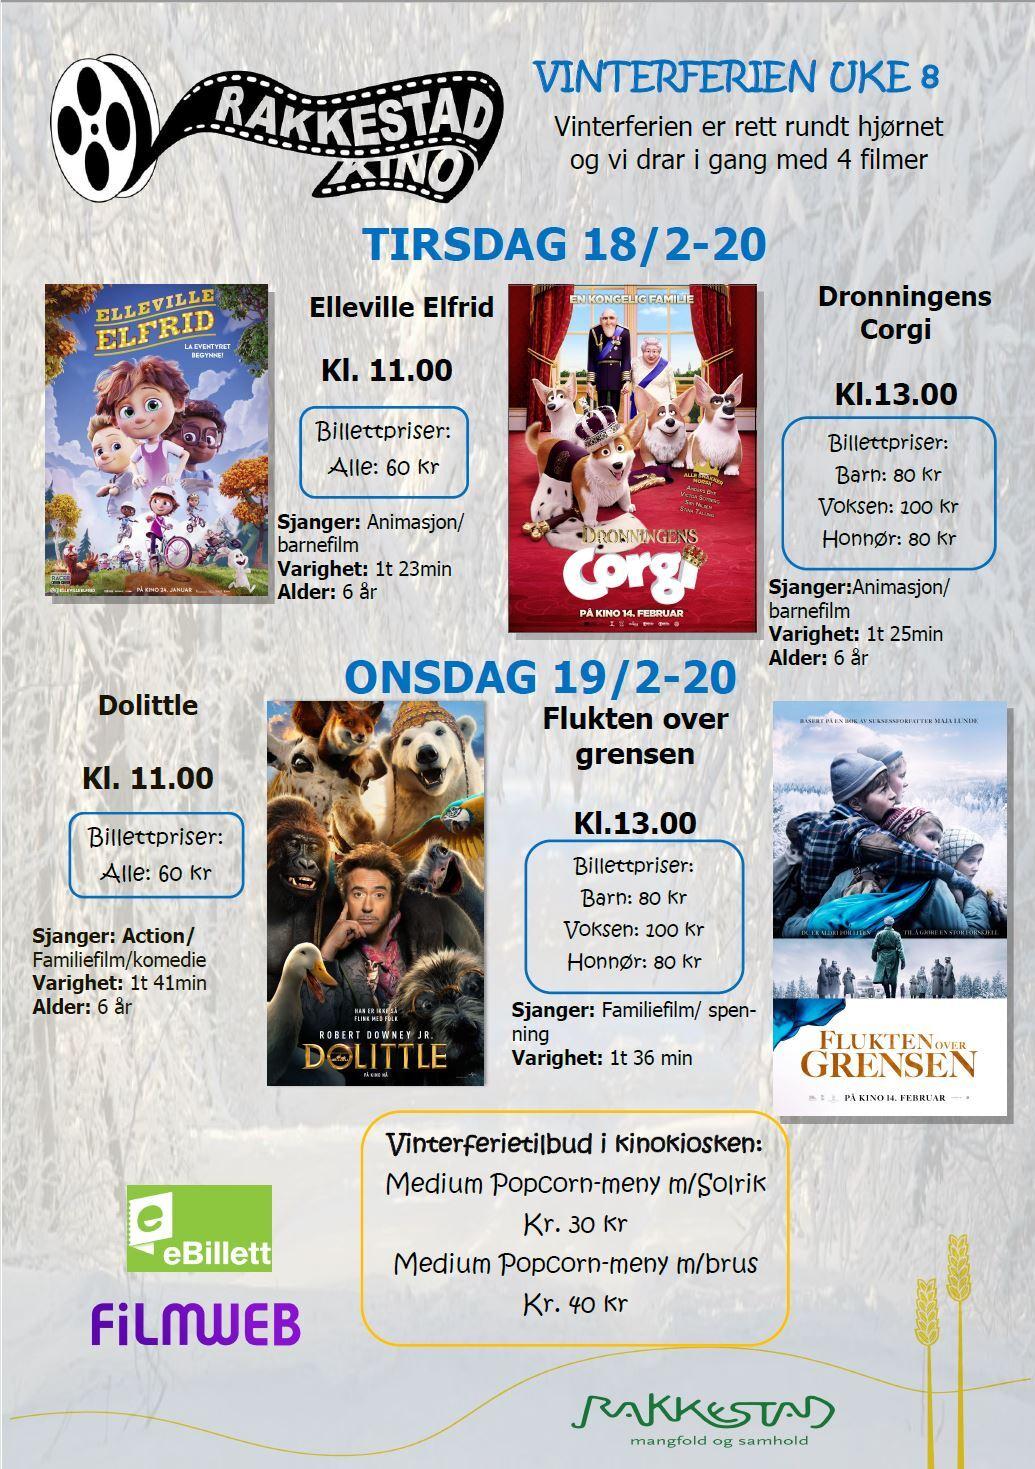 Vinterferiekino Rakkestad kino